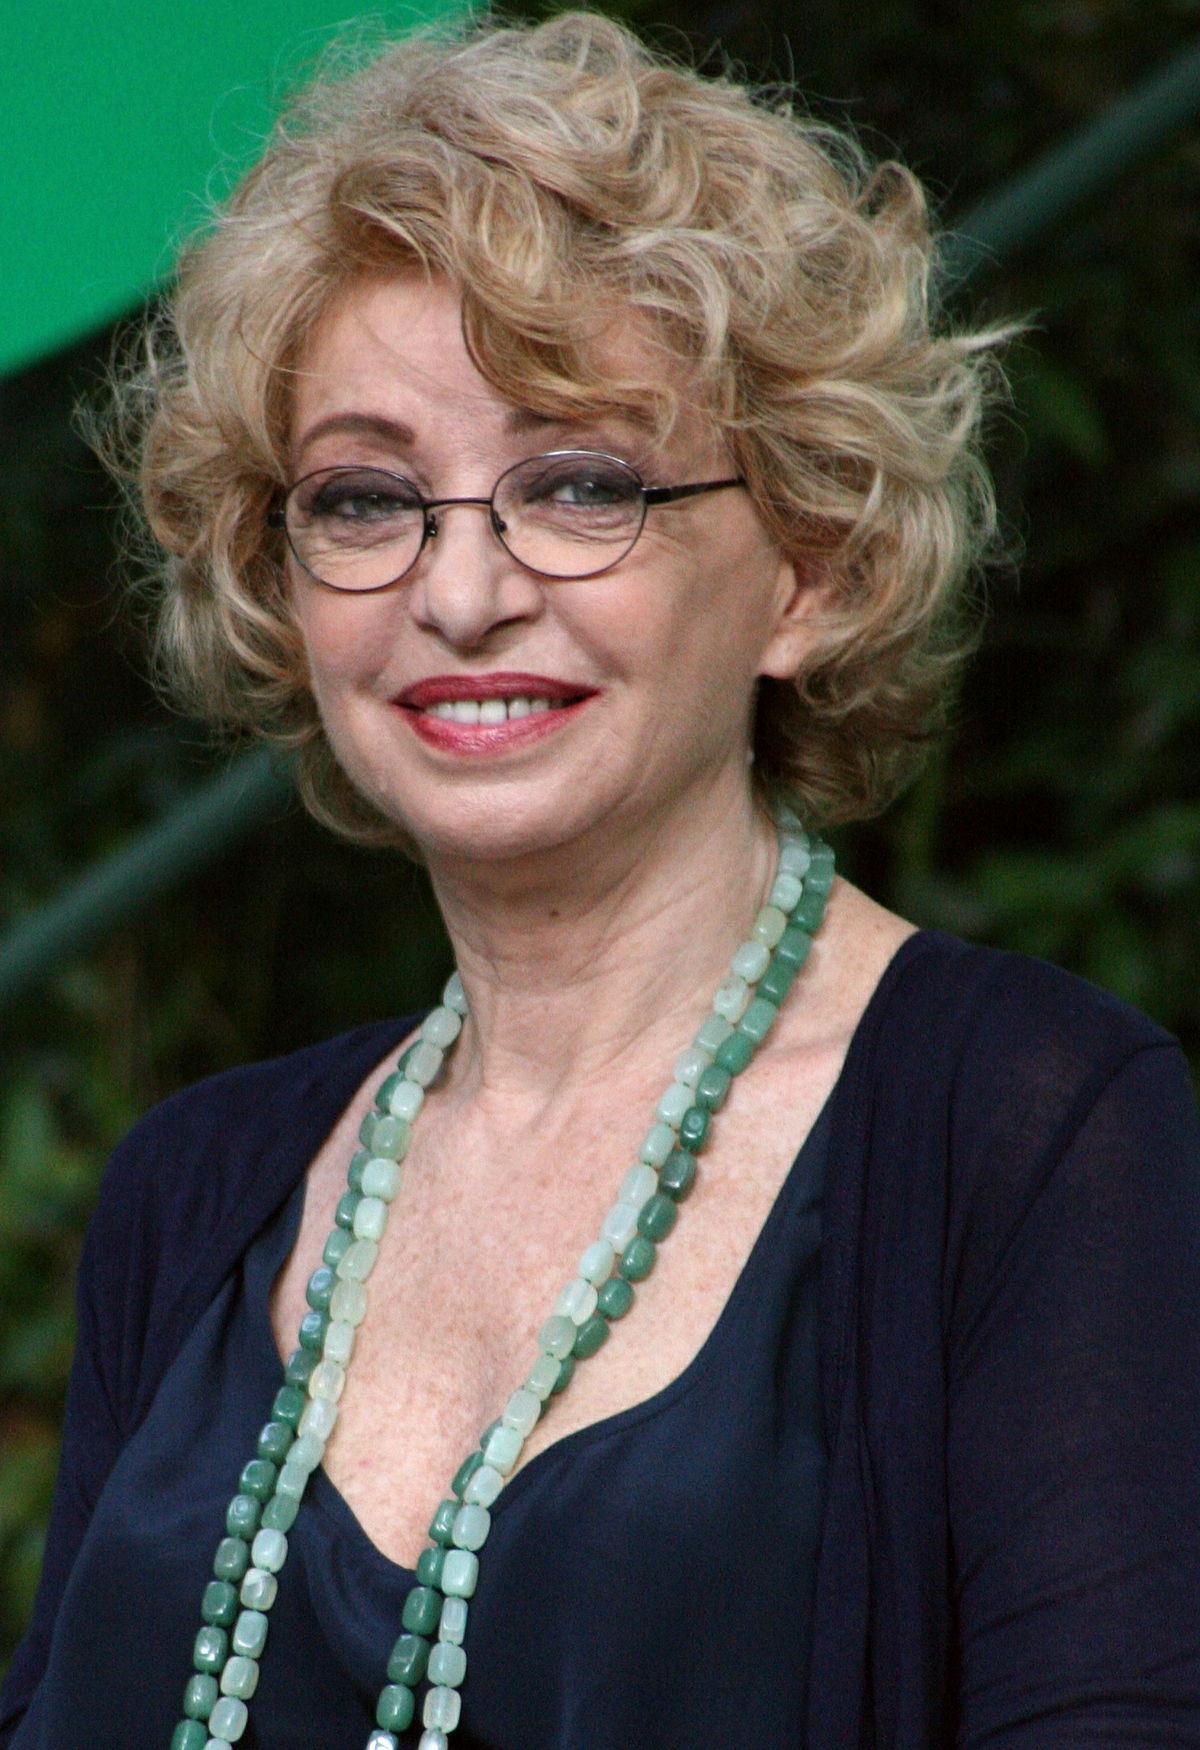 Enrica Bonaccorti Nude Photos 50